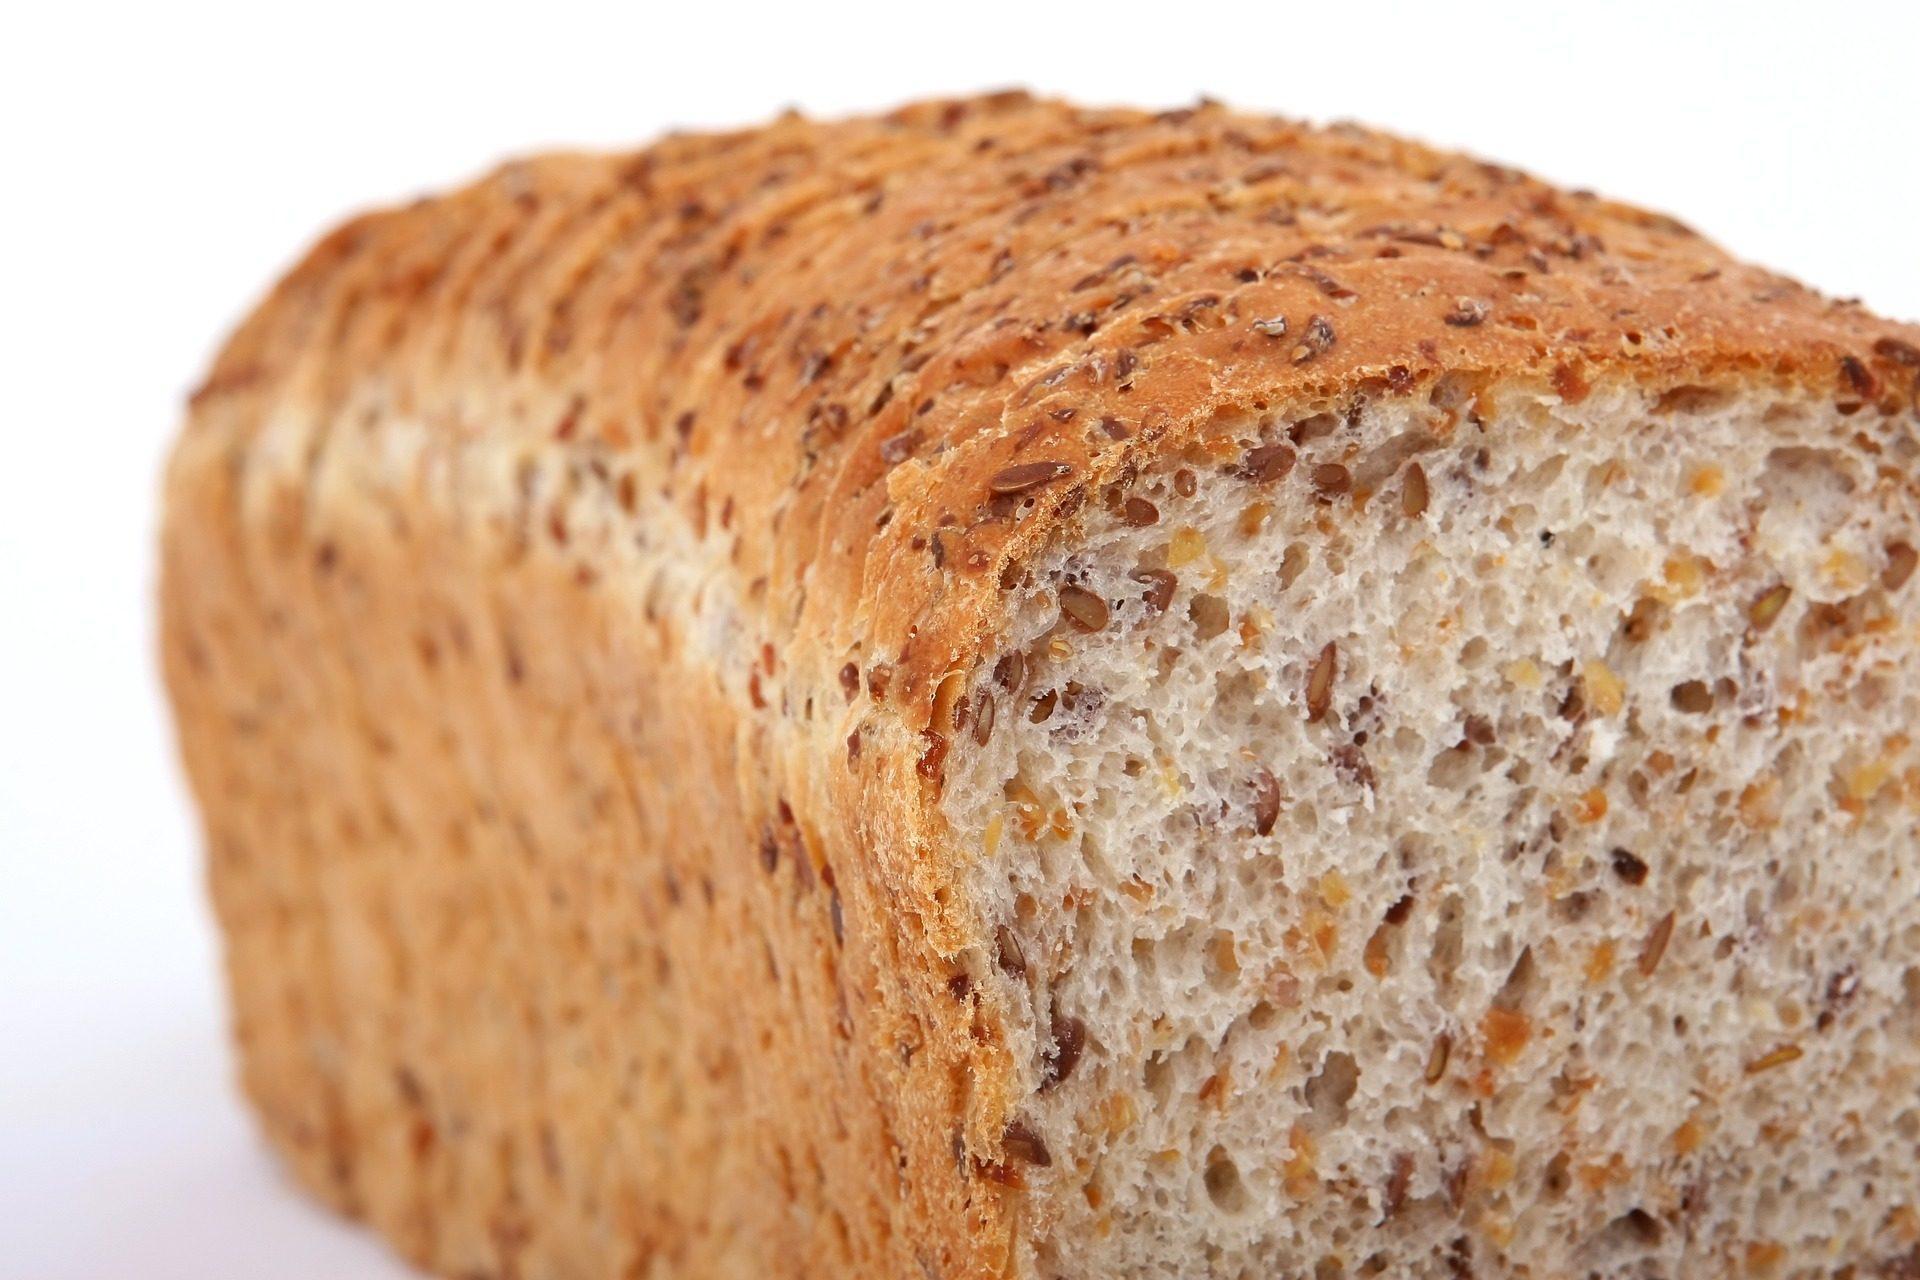 Le Pain Ne Fait Pas Toujours Grossir: Parce Que Manger